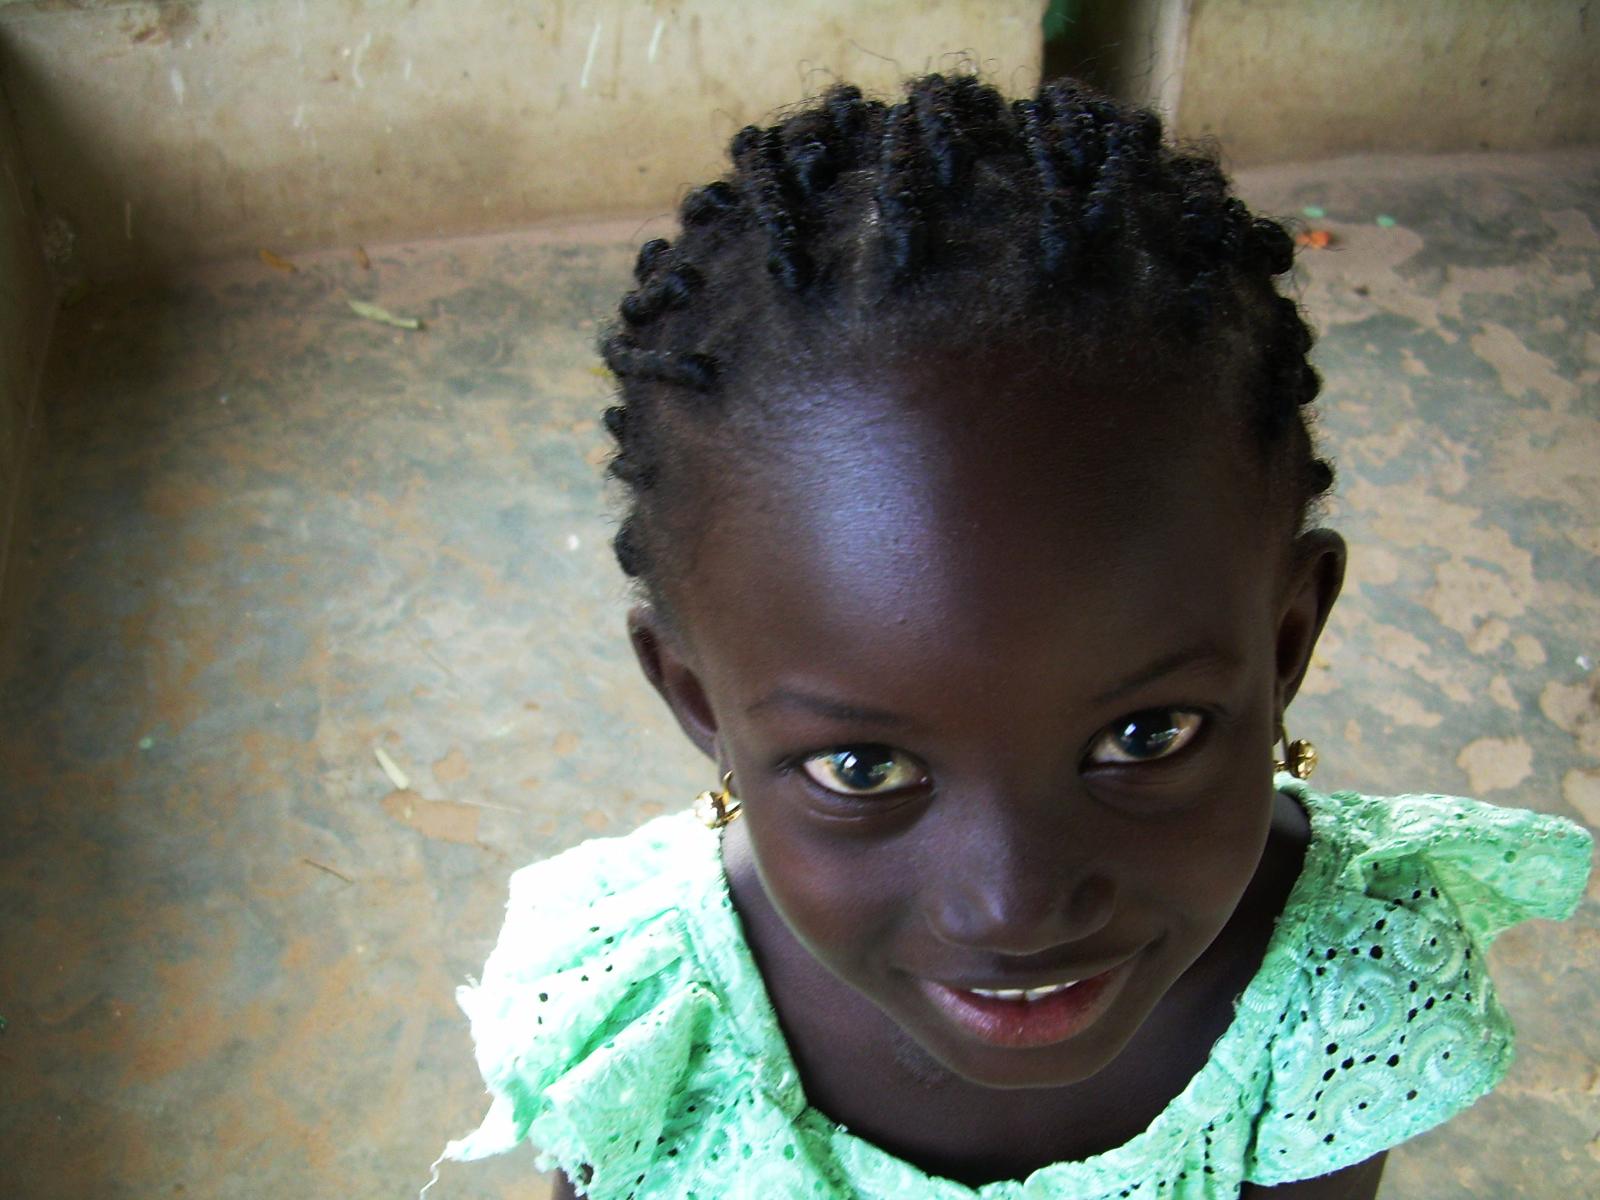 How Rare Is Melanoma in Dark Skinned Children?